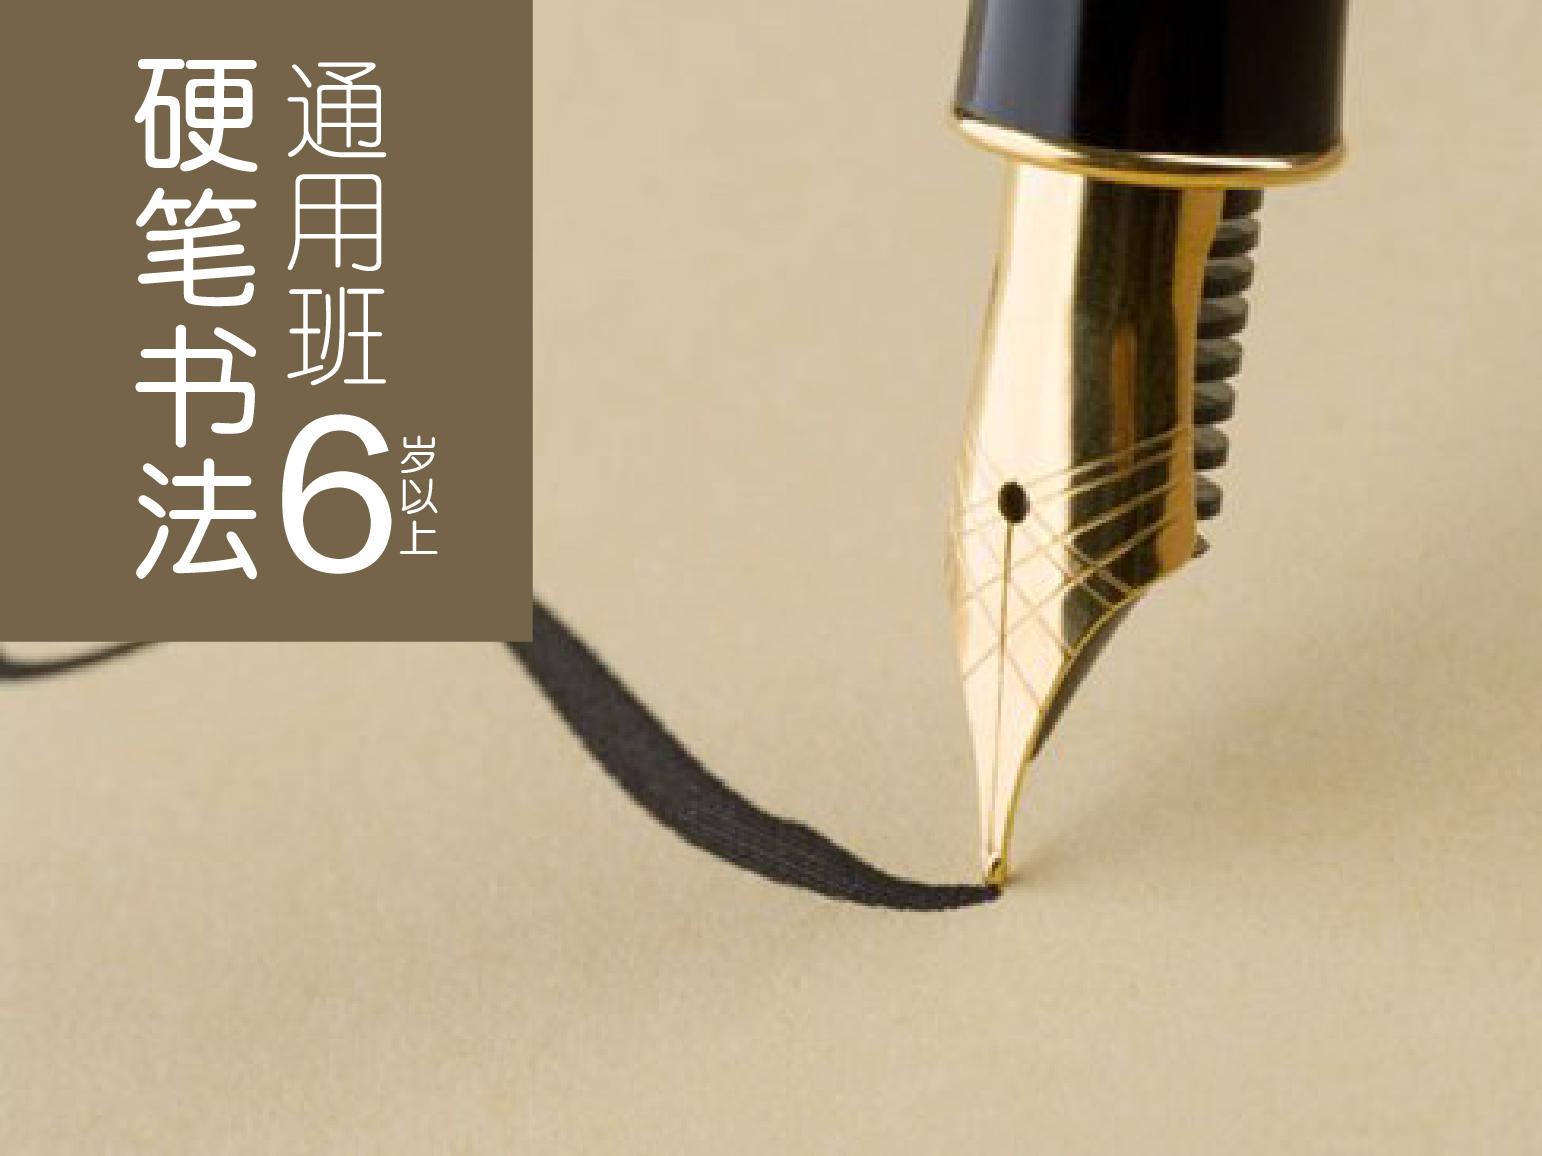 硬笔书法通用班 6岁以上